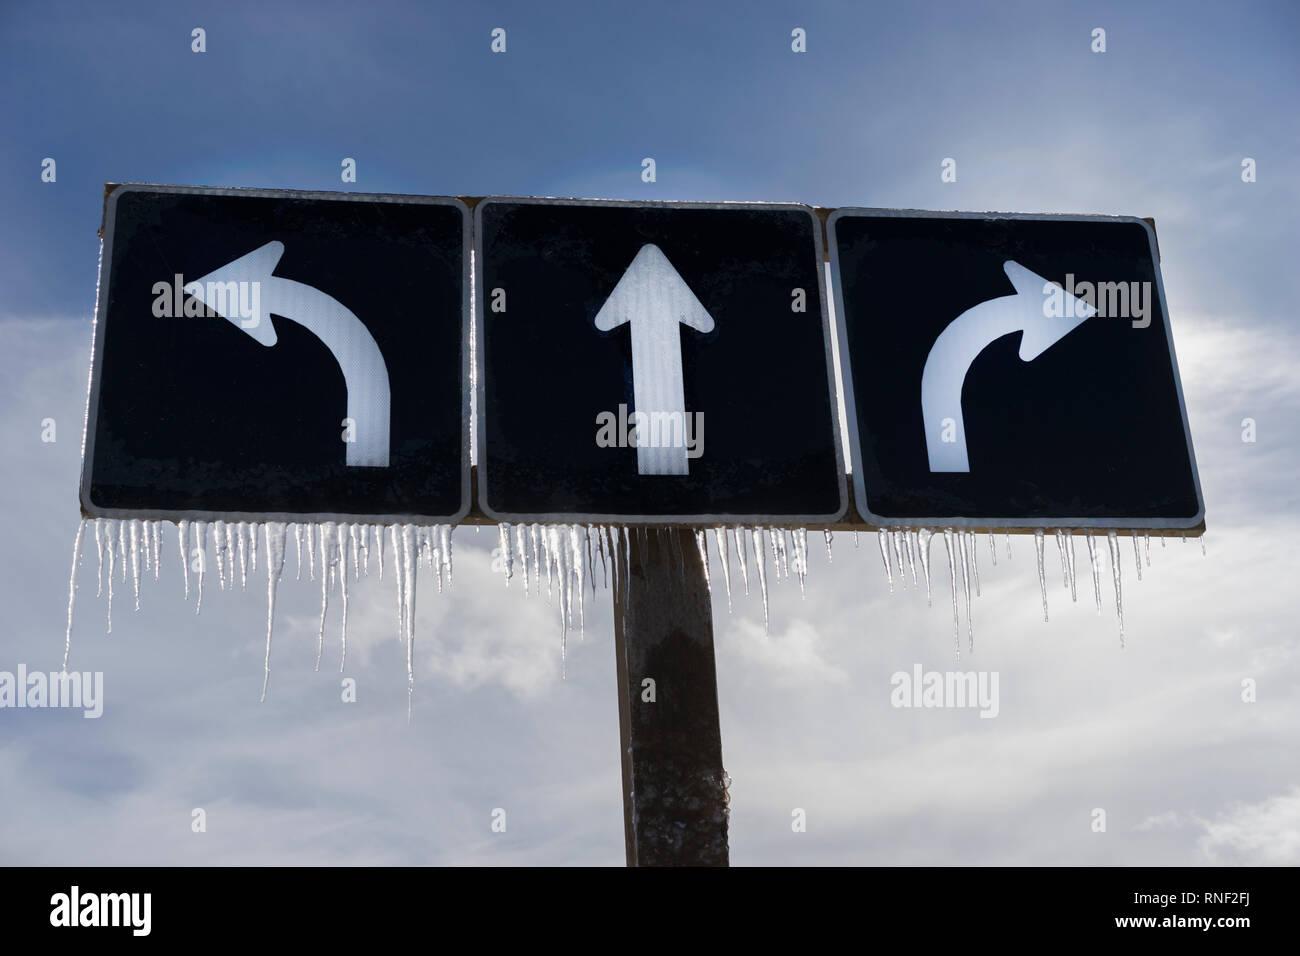 Der Verkehr von Links nach Rechts, gerader Pfeil mit Eiszapfen kaltem Wetter in Toronto, Ontario, Kanada. Stockbild